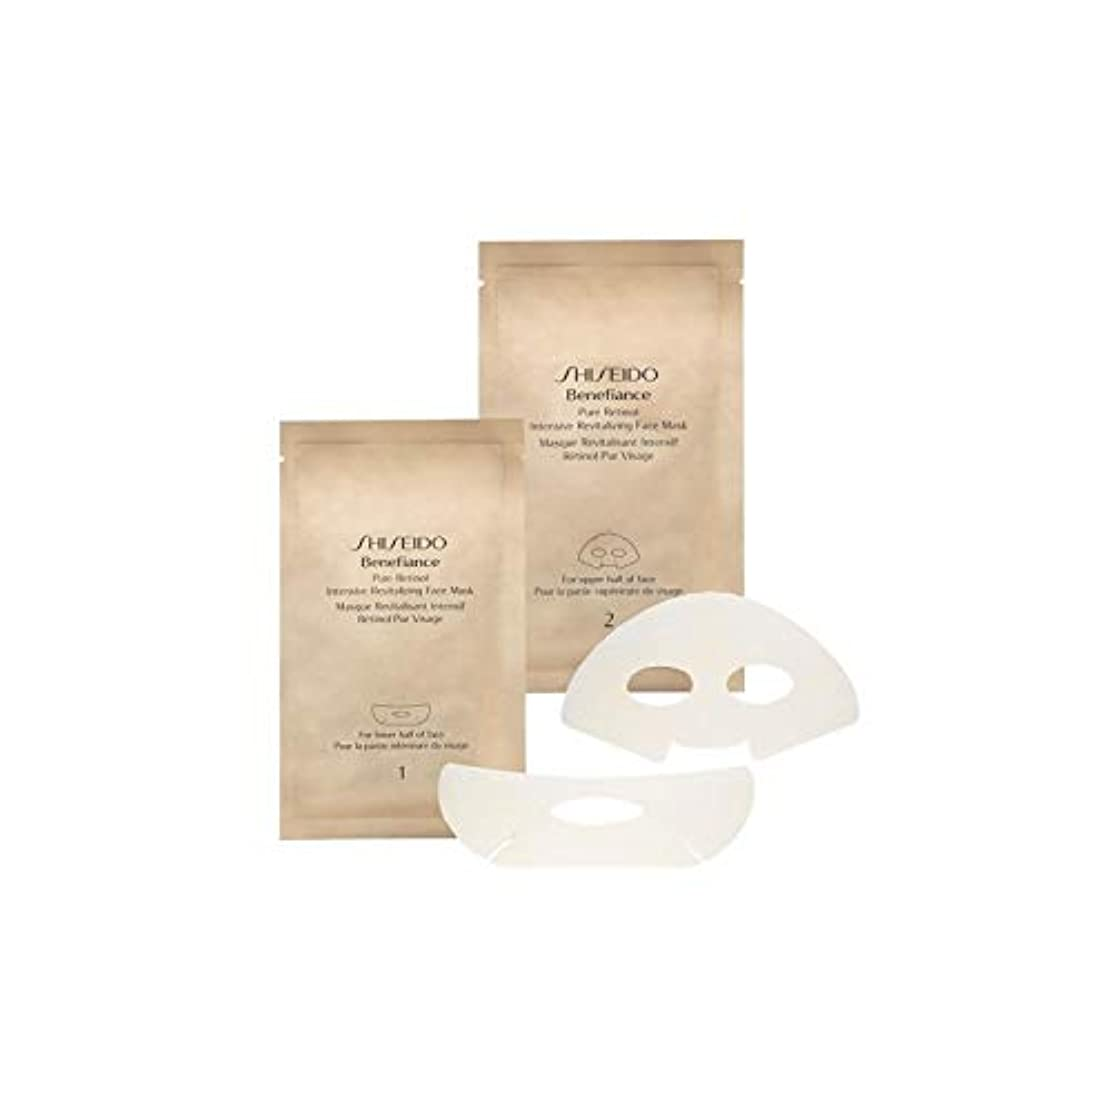 市民欺バンケット[Shiseido] 資生堂ベネフィアンス純粋レチノールインテンシブリバイタライジングフェースマスク×4袋 - Shiseido Benefiance Pure Retinol Intensive Revitalizing Face Mask X 4 Sachets [並行輸入品]